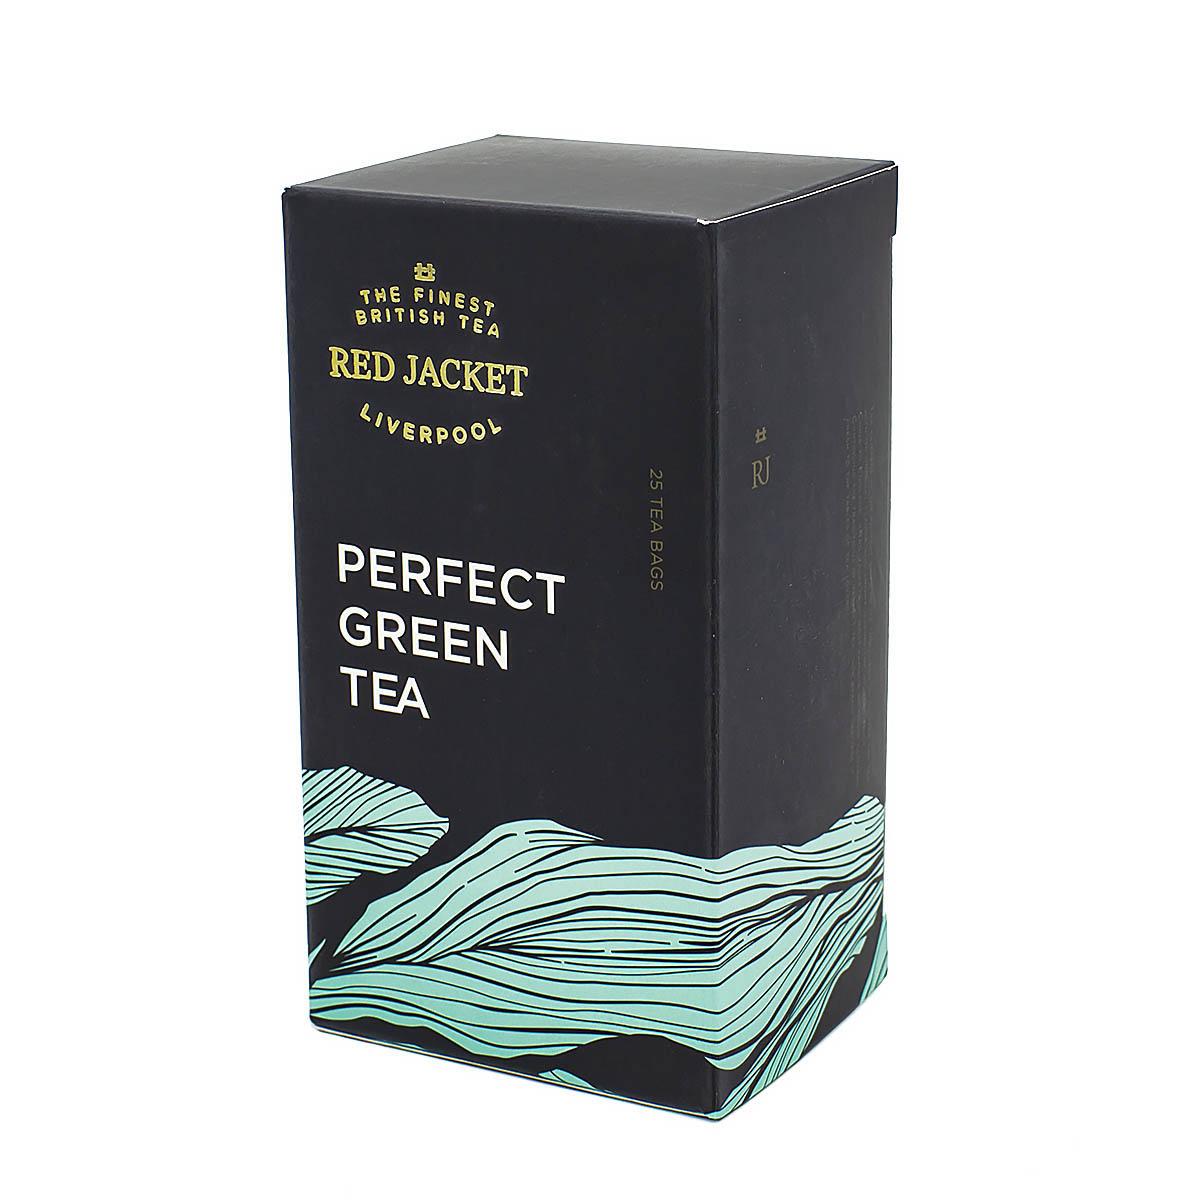 грин ти коллекшн чай зеленый китайский пакетированный двухкамерный с ярлычком 50 г Китайский зелёный чай Ред Джекет пакетированный, 25 шт х 2 г